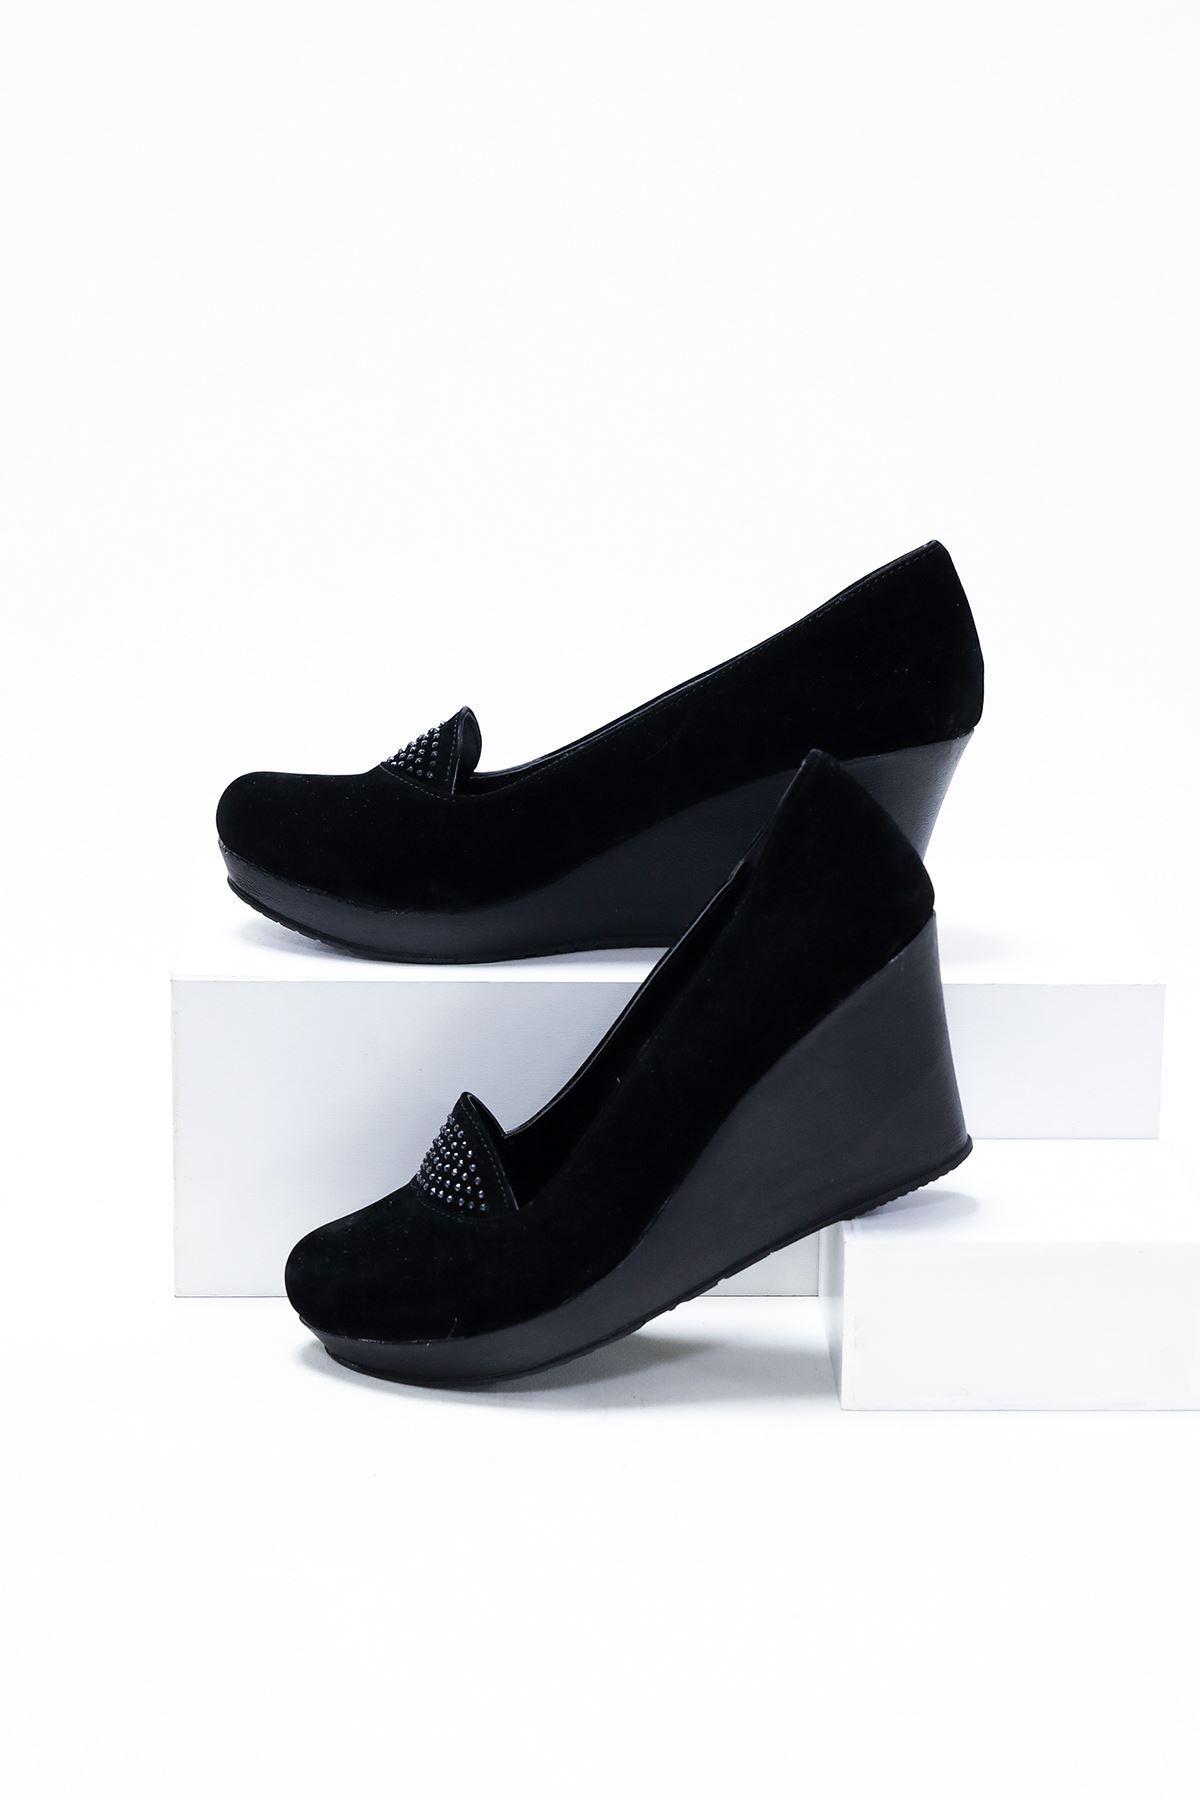 Dolgu Taban Dili Taşlı Ayakkabı